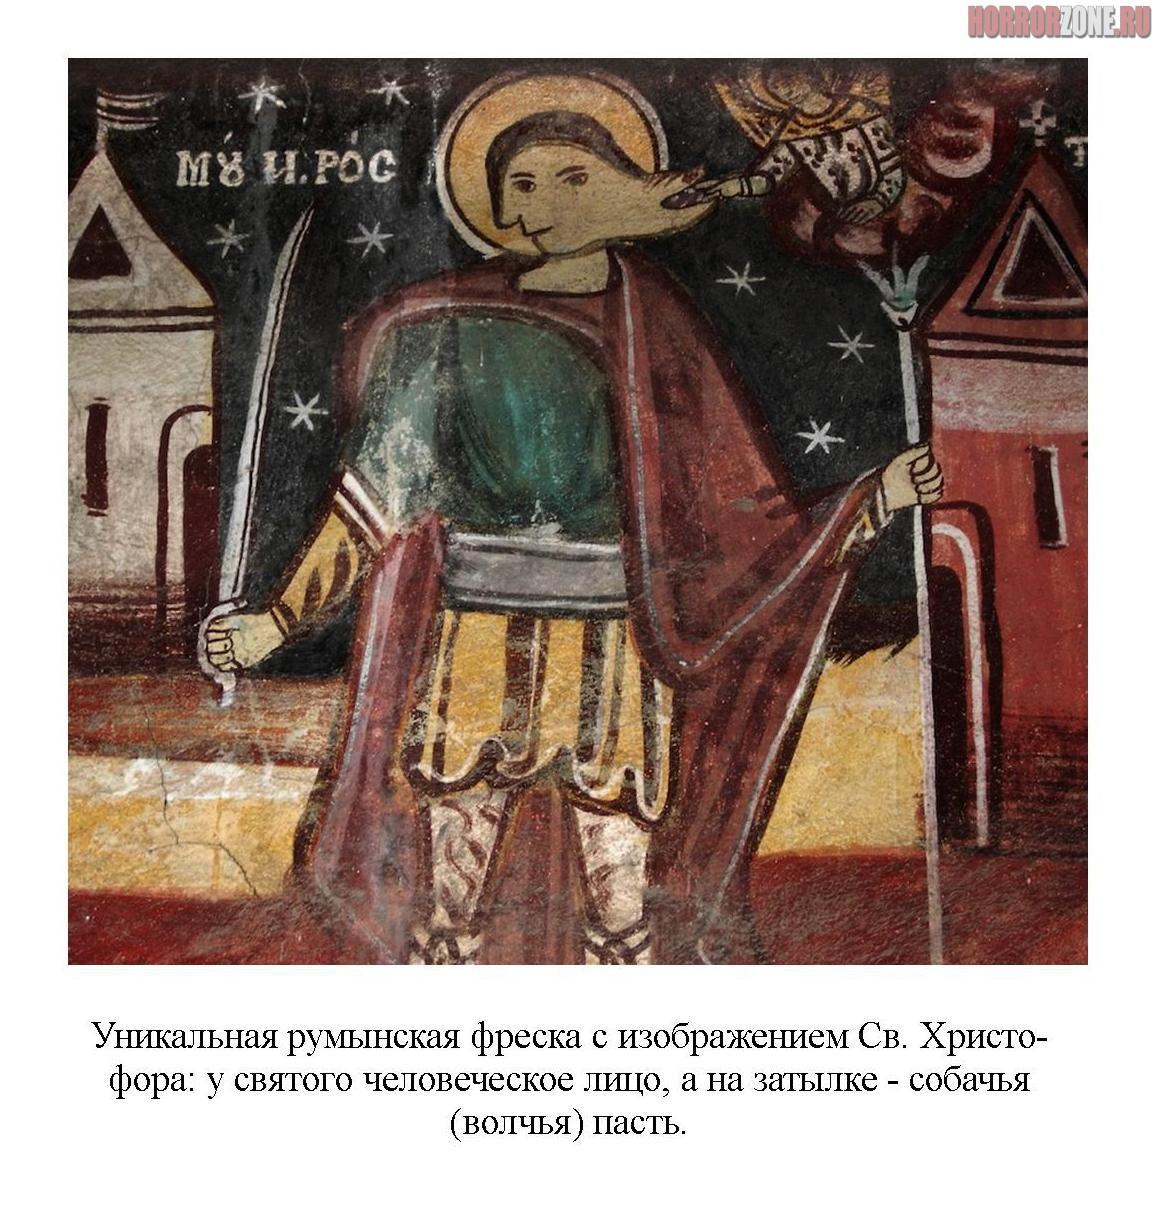 Святой Христофор (румынская фреска)